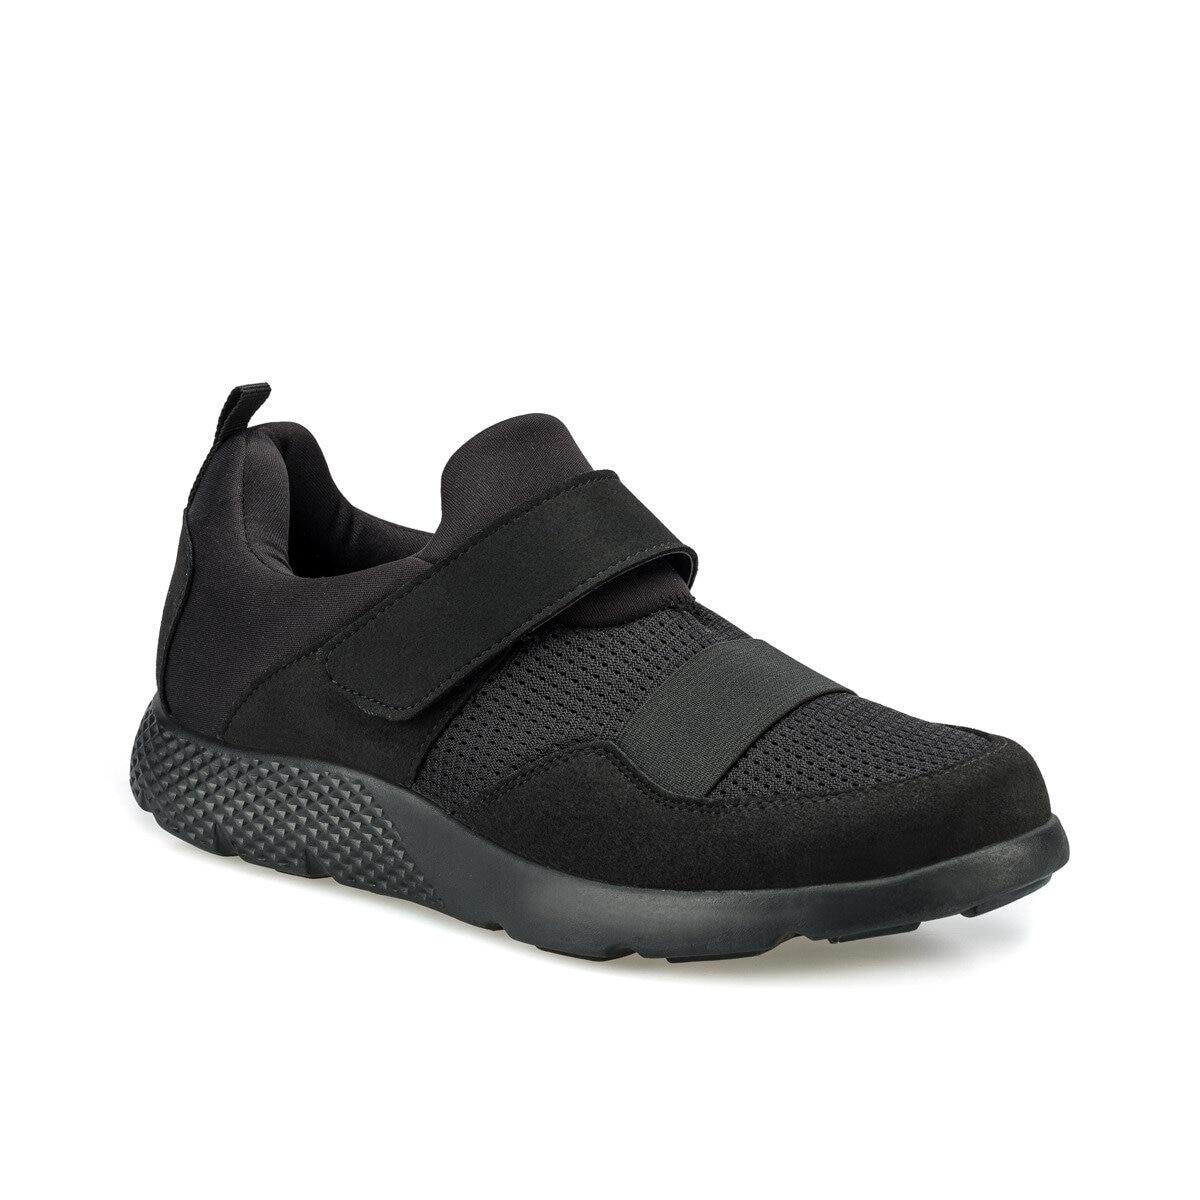 FLO VELAR 9PR Black Slip On Shoes KINETIX